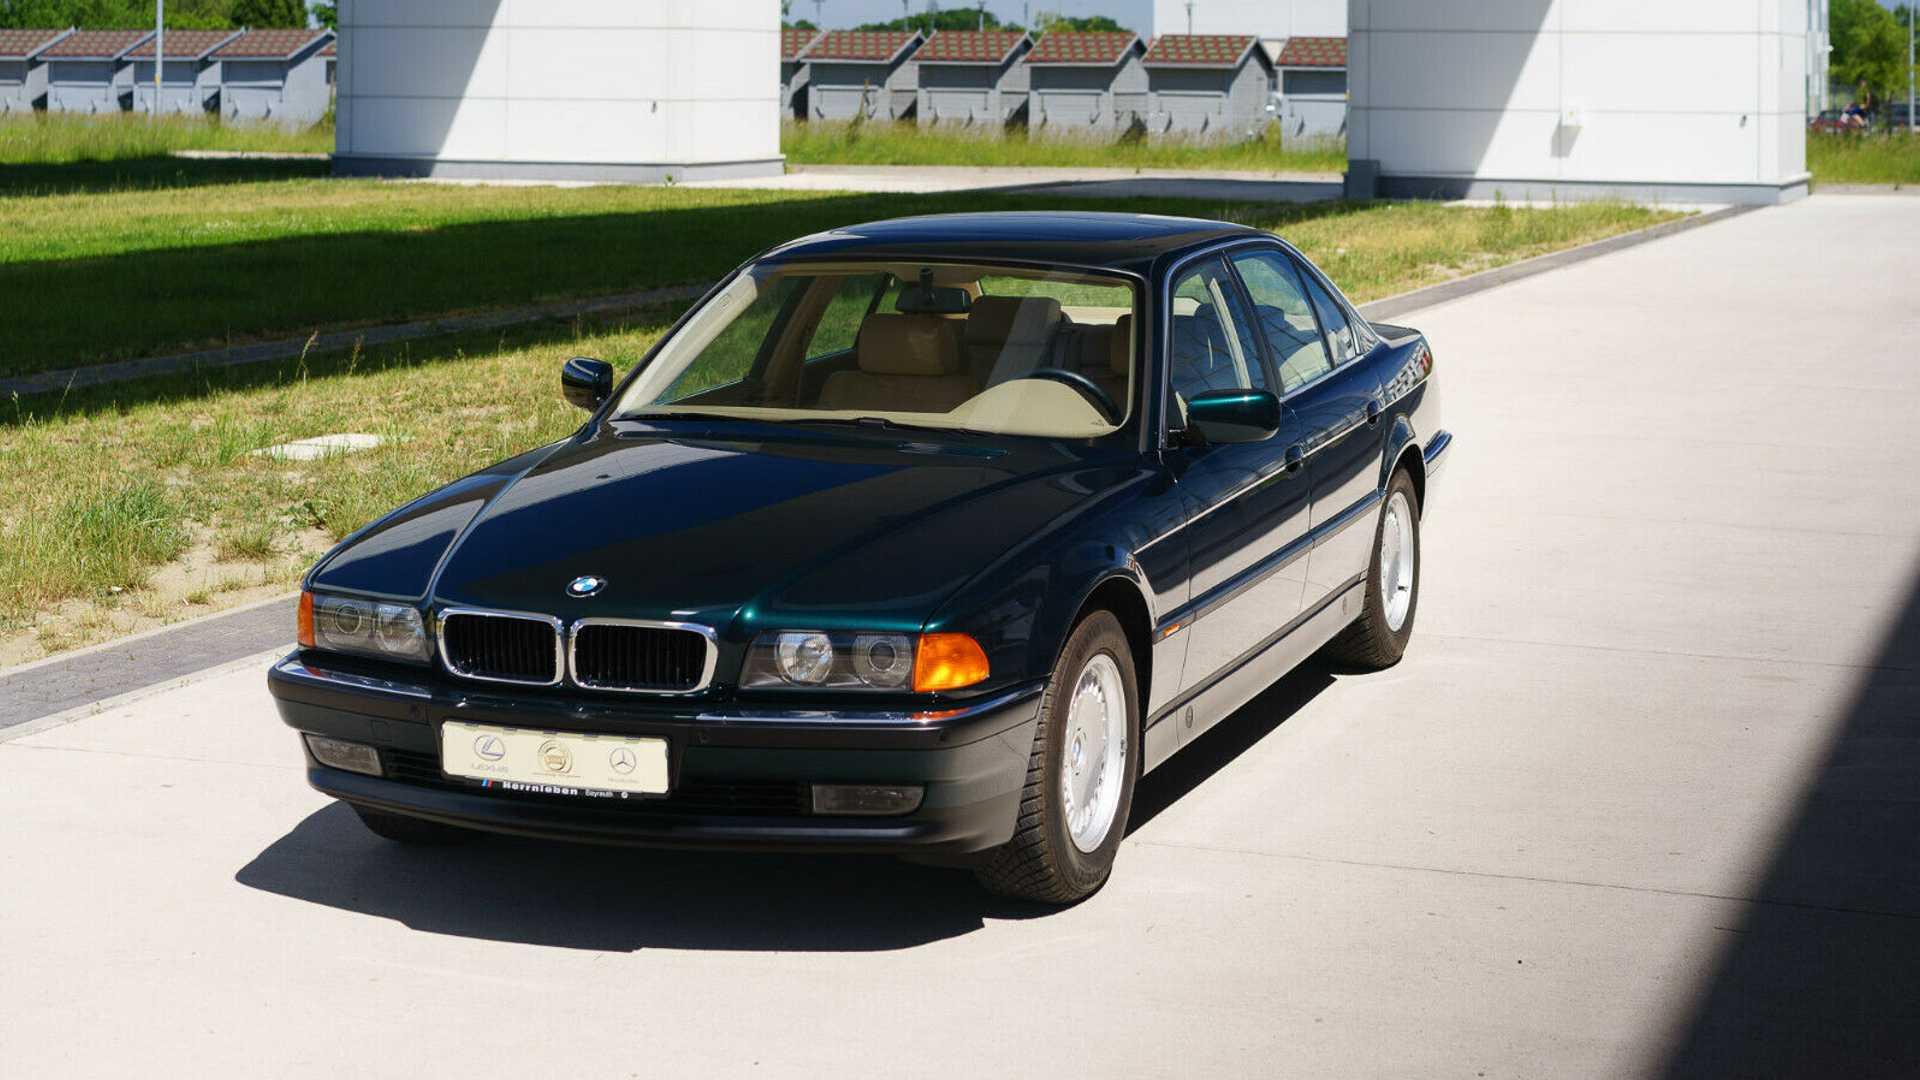 """El are un BMW 740i (E38) produs în 1997, și în ciuda faptului că este mai vechi decât majoritatea mașinilor pe care le vedeți astăzi pe șosea, mașina este practic nouă. Și asta datorită """"unei capsule de aer cu recirculare mecanică a aerului""""."""